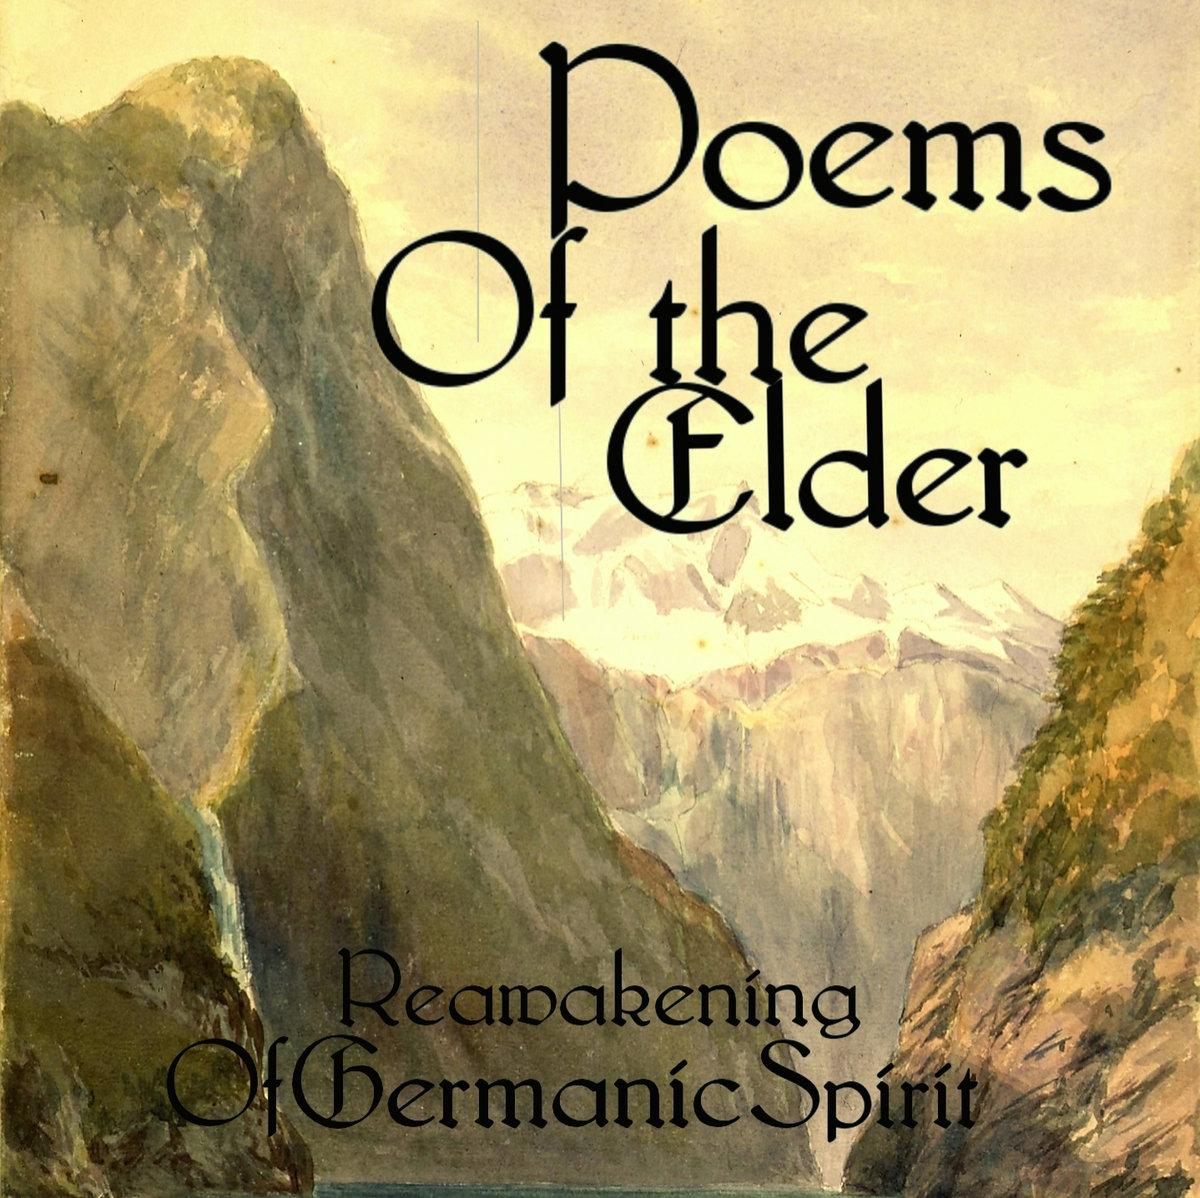 Poems Of The Elder-Reawakening Of Germanic Spirit-CD-FLAC-2019-PEGiDA